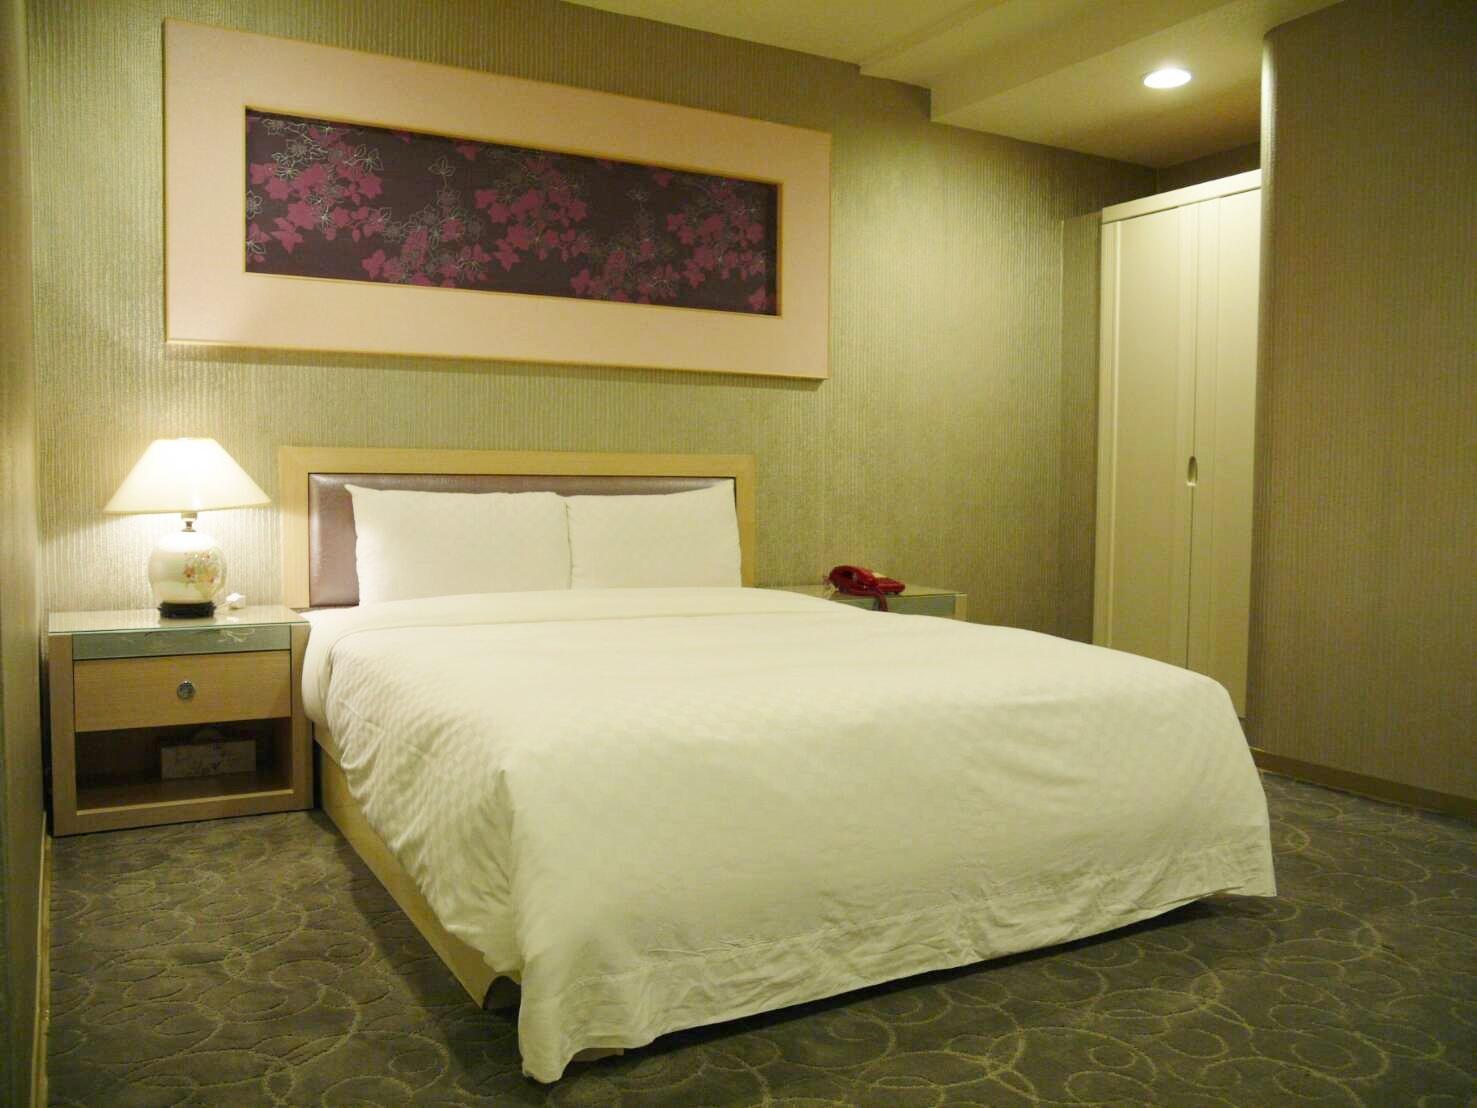 基隆市北都大飯店 (Beidoo Hotel)線上訂房|Agoda.com